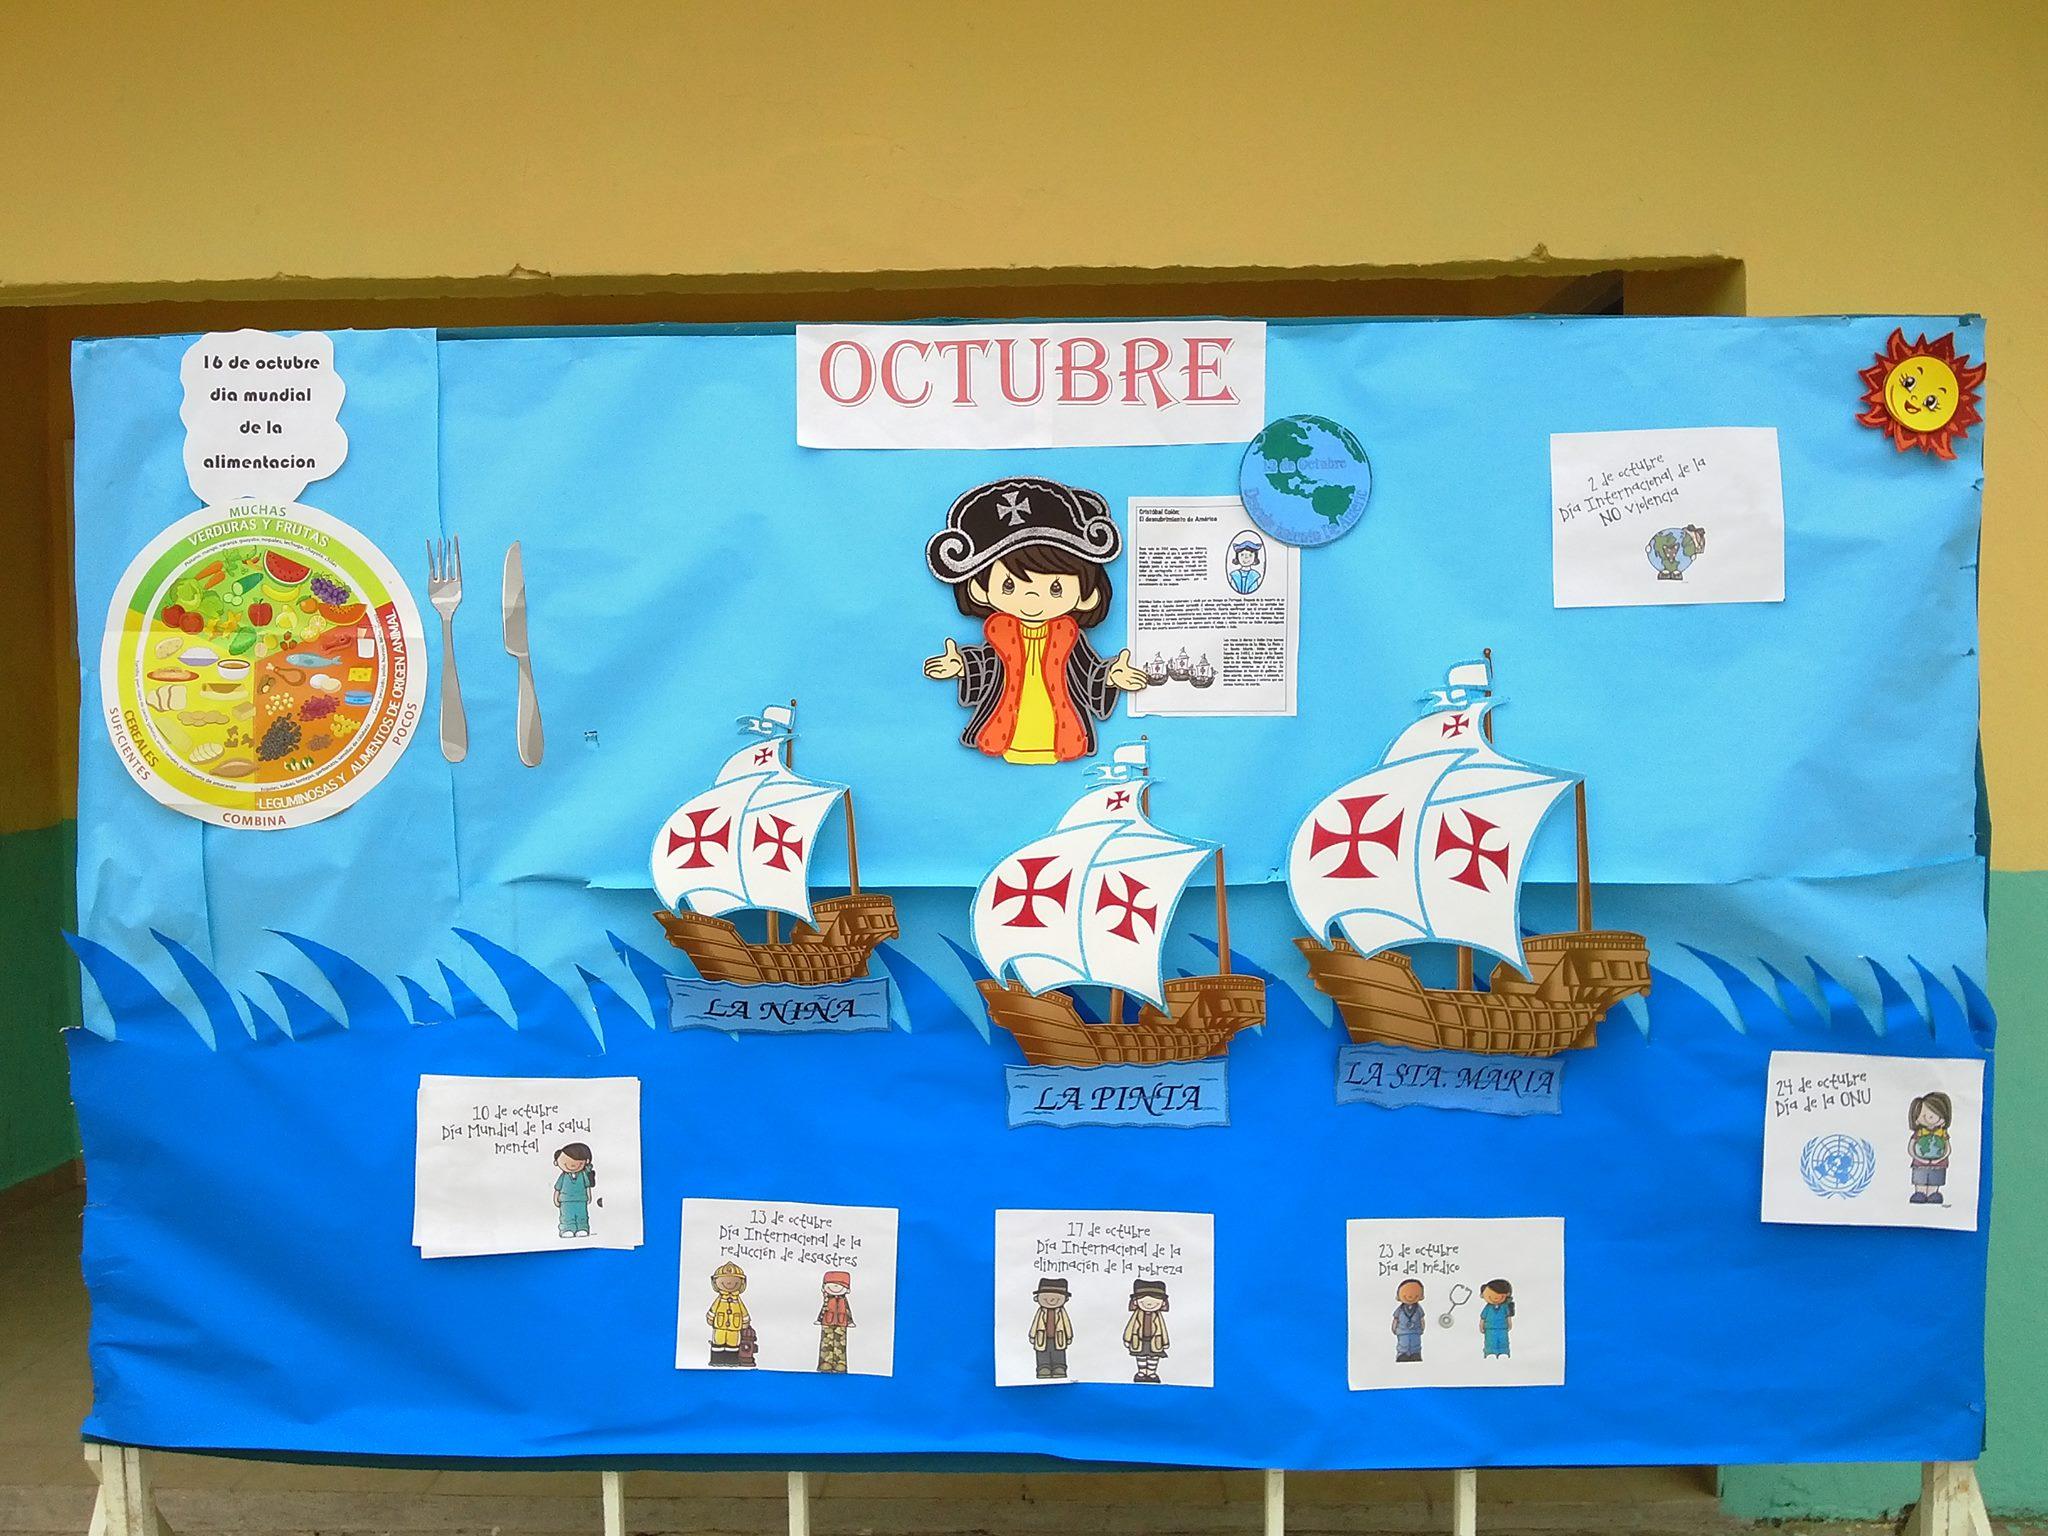 Periodico mural octubre vuestras propuestas 5 imagenes for El mural periodico